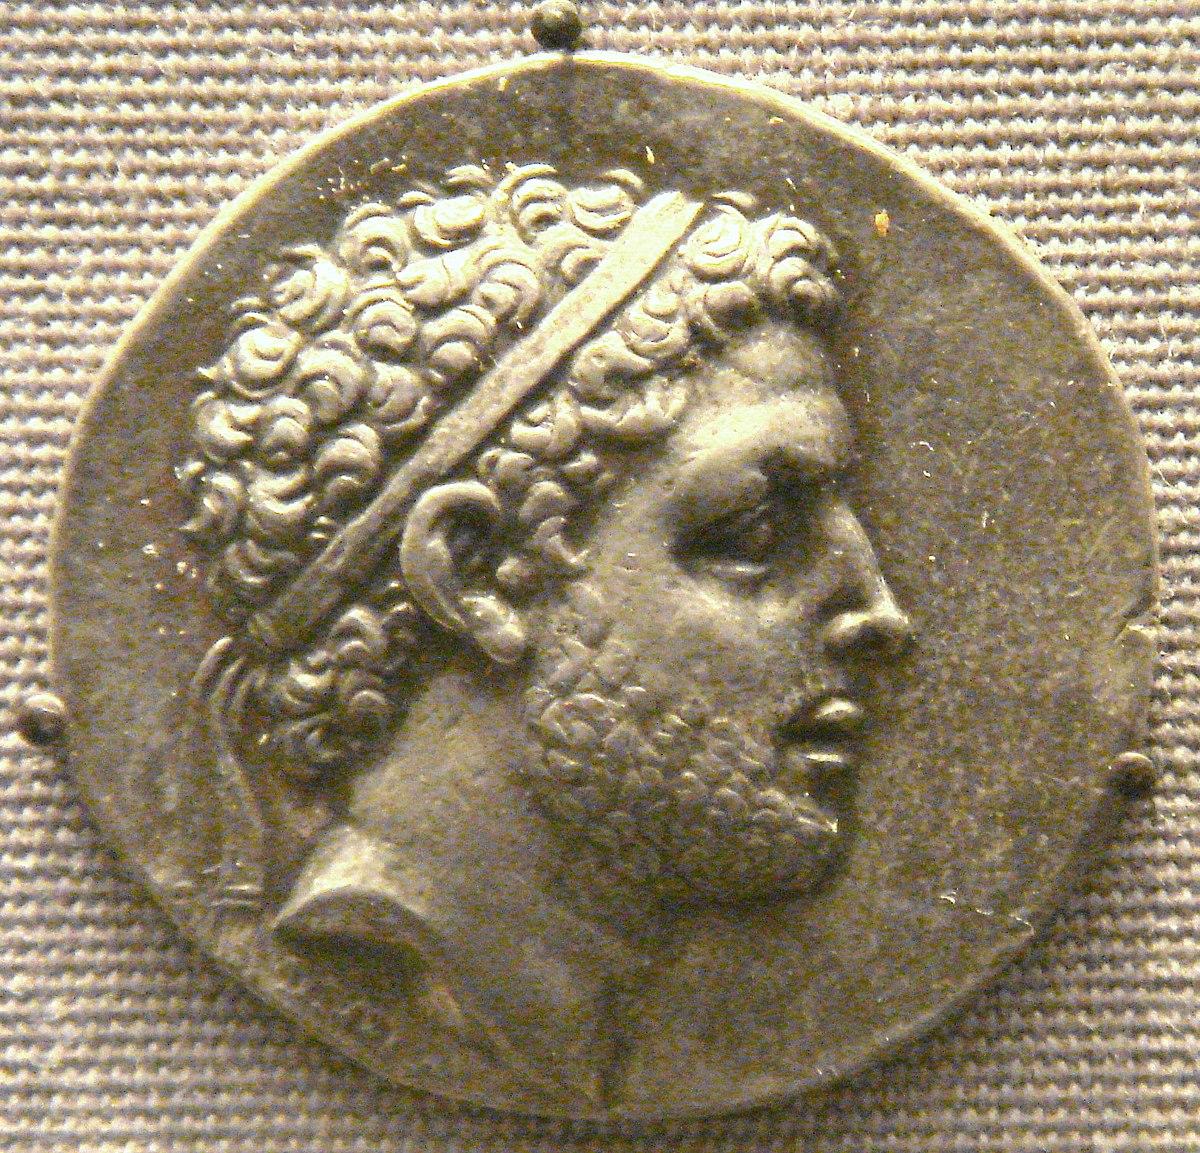 Περσέας της Μακεδονίας - Βικιπαίδεια